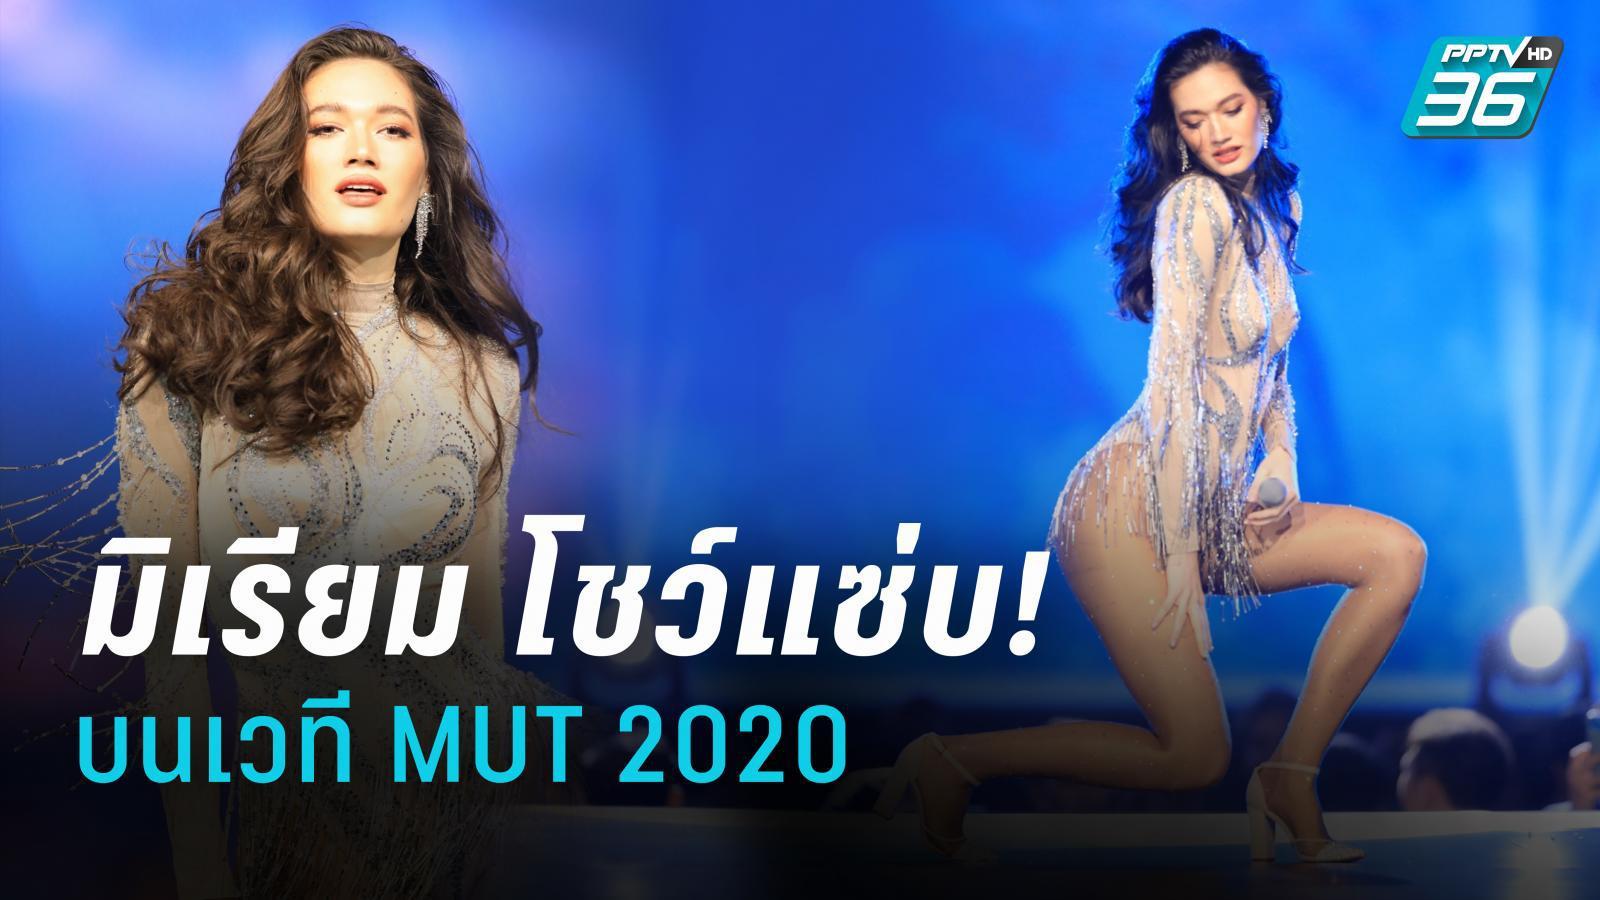 โชว์พิเศษ มิเรียม | Miss Universe Thailand 2020 | รอบ 10 คนสุดท้าย